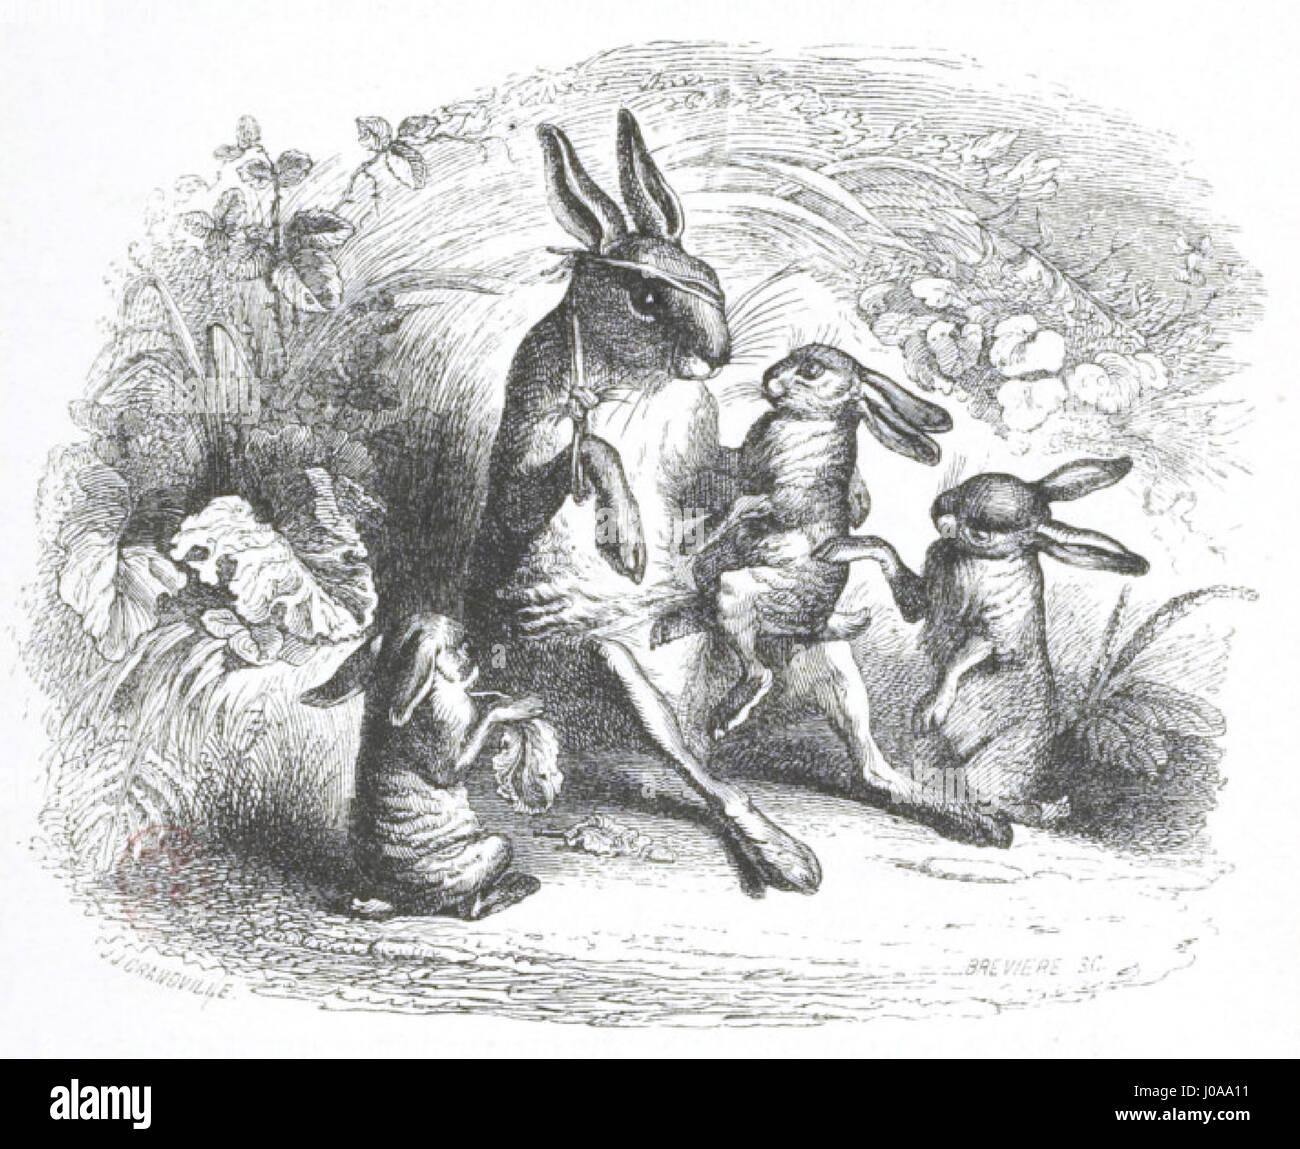 Scènes de la vie privée et publique des animaux, tome 1 0085 - Stock Image